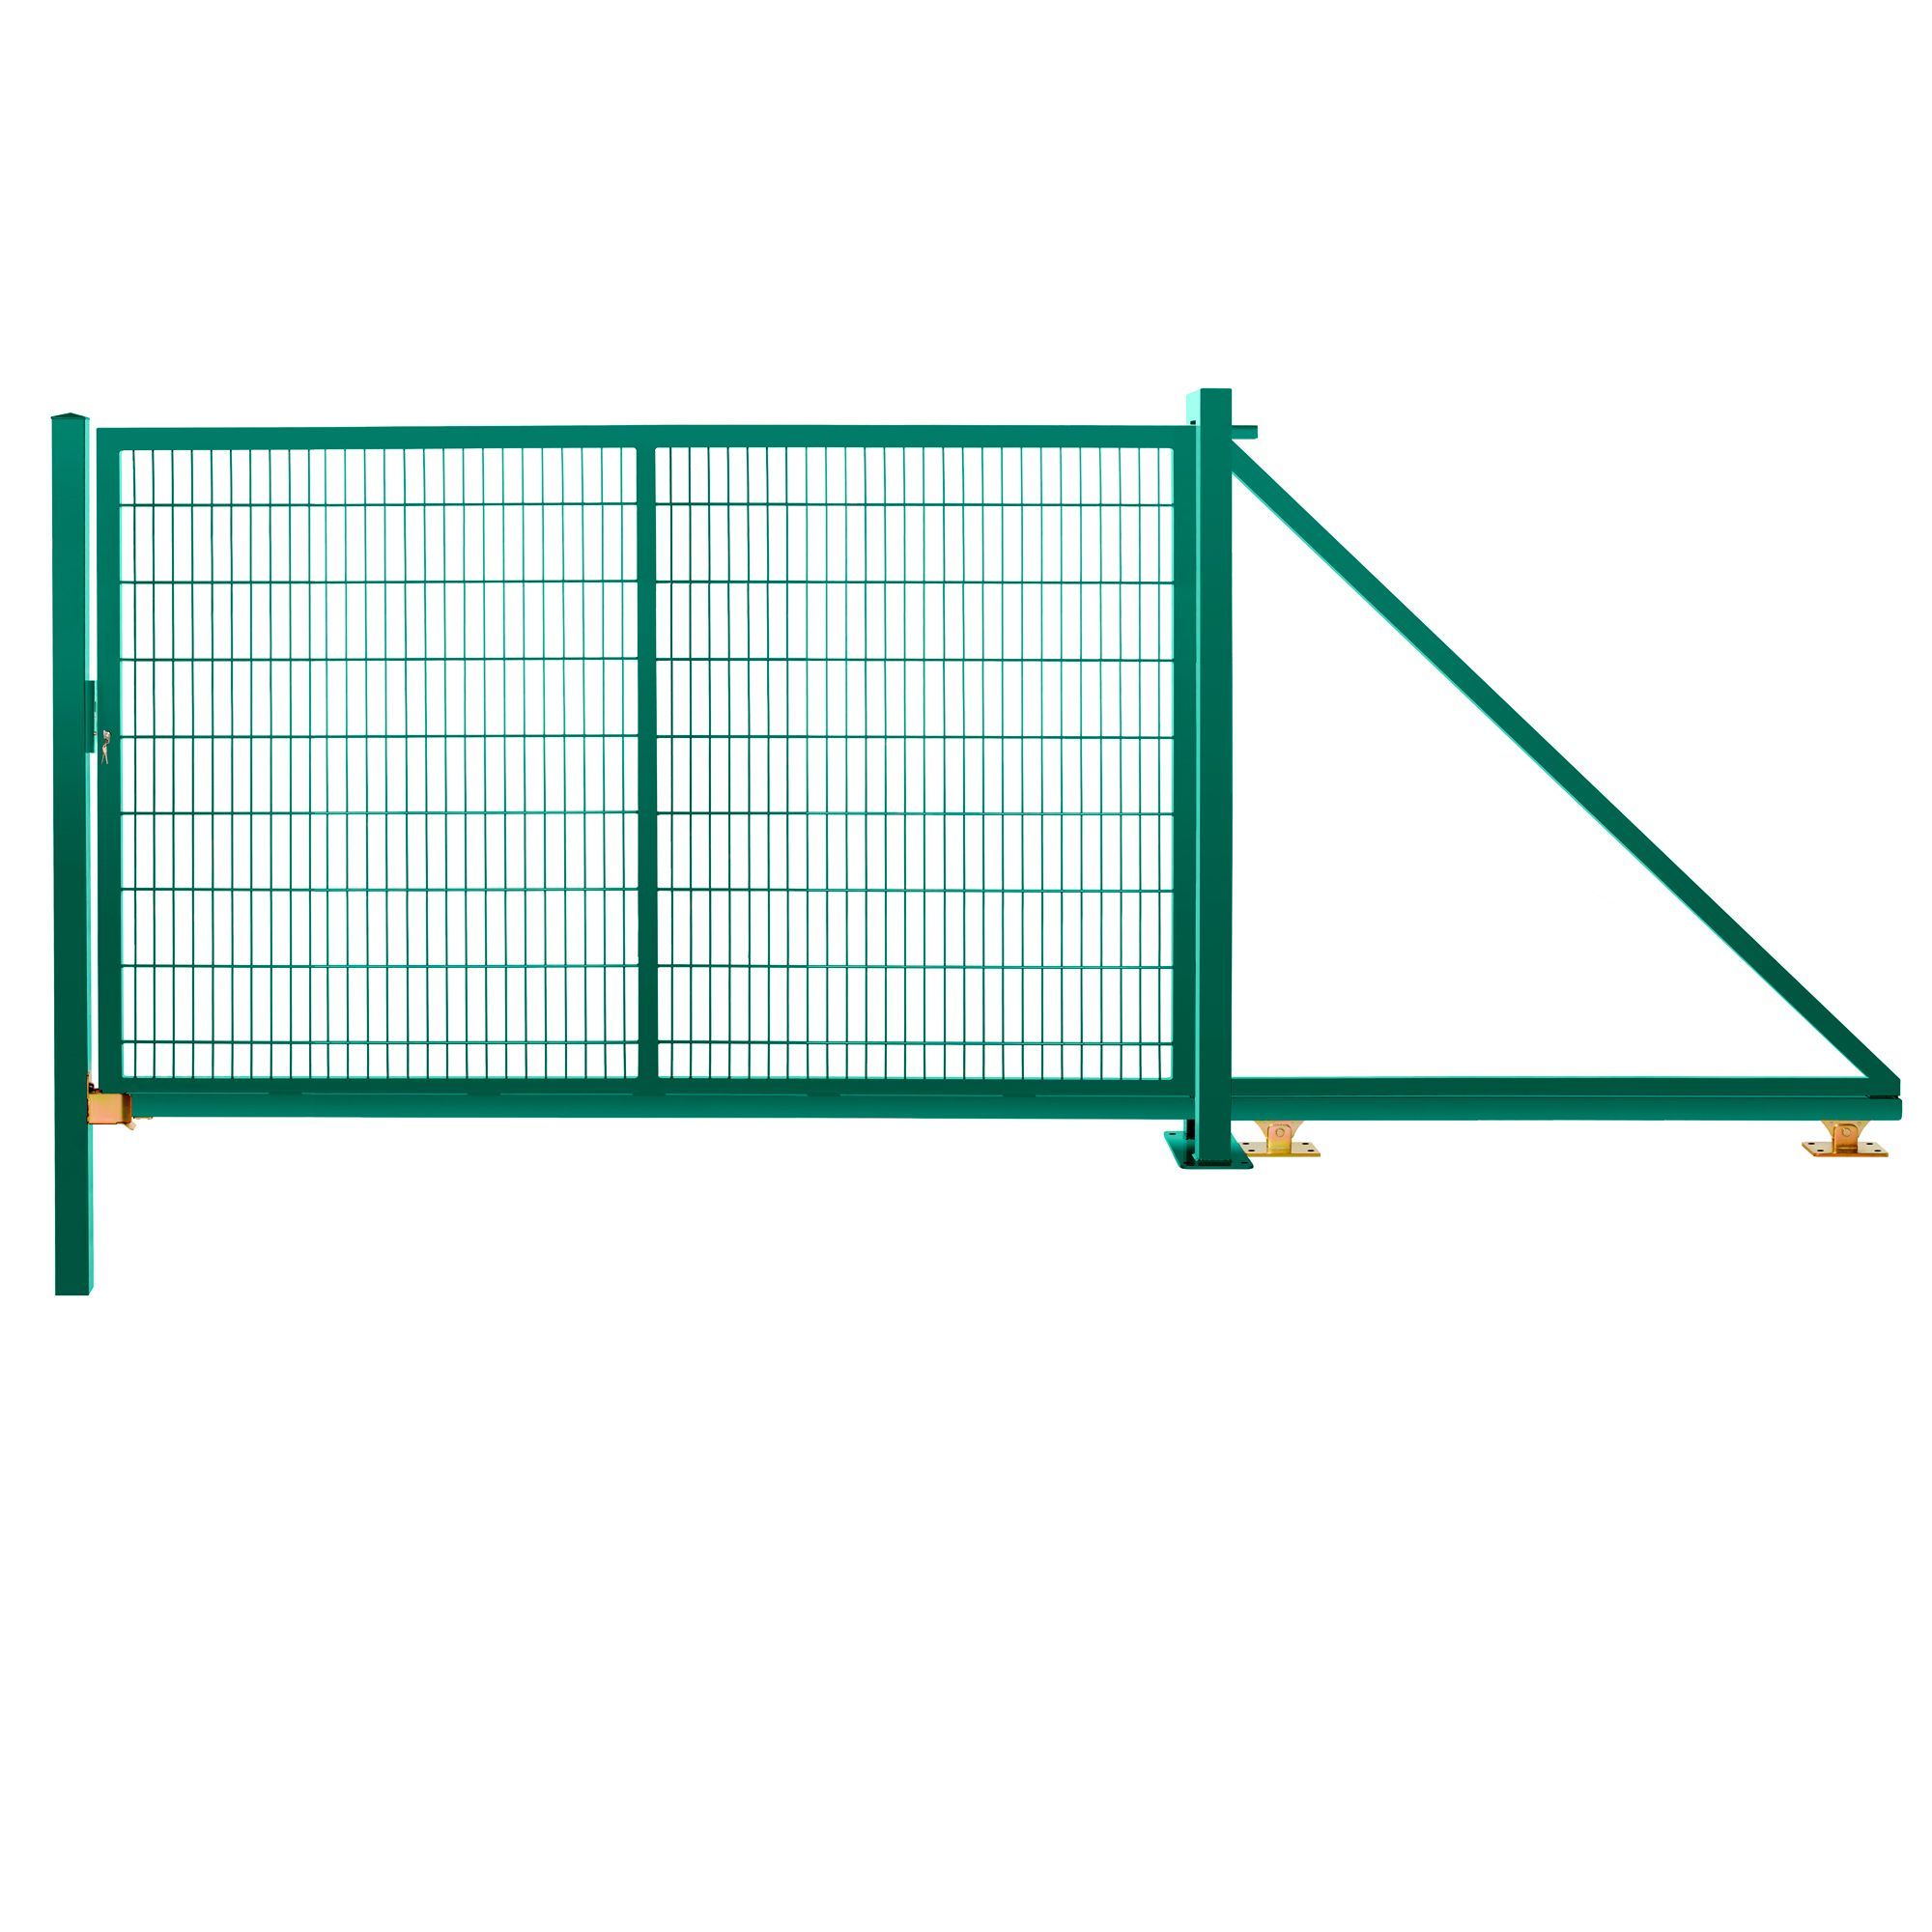 Schiebetor freitragend 1,83 m 3,00 m breit RAL 6005 moosgrün